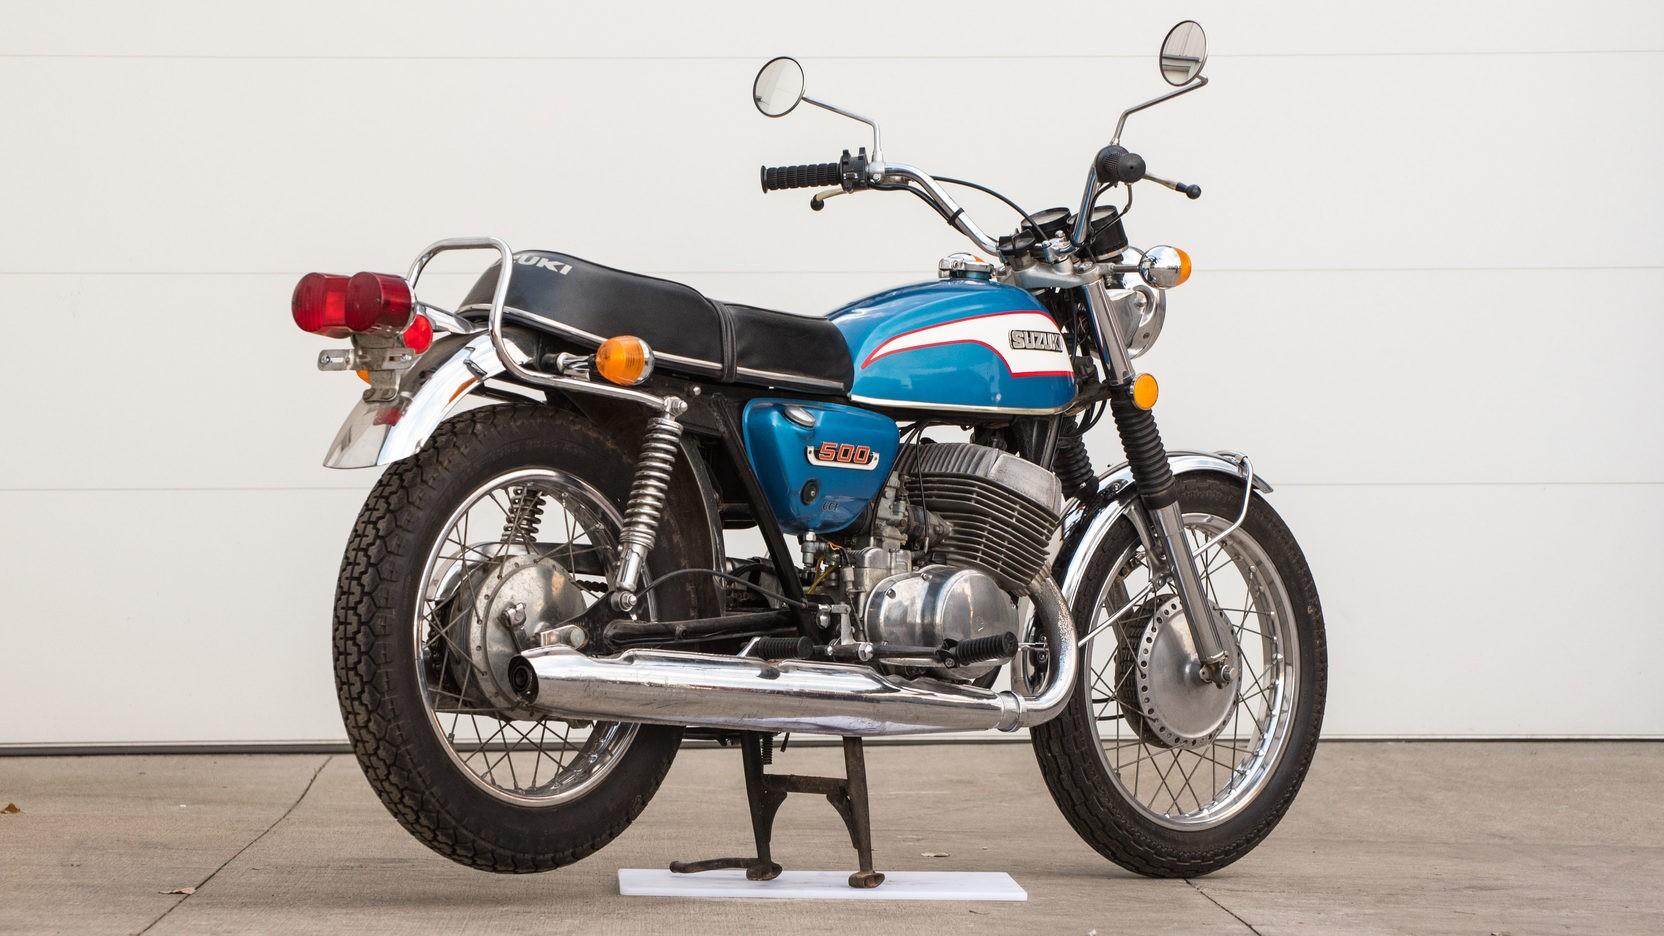 1973 Suzuki T500 K